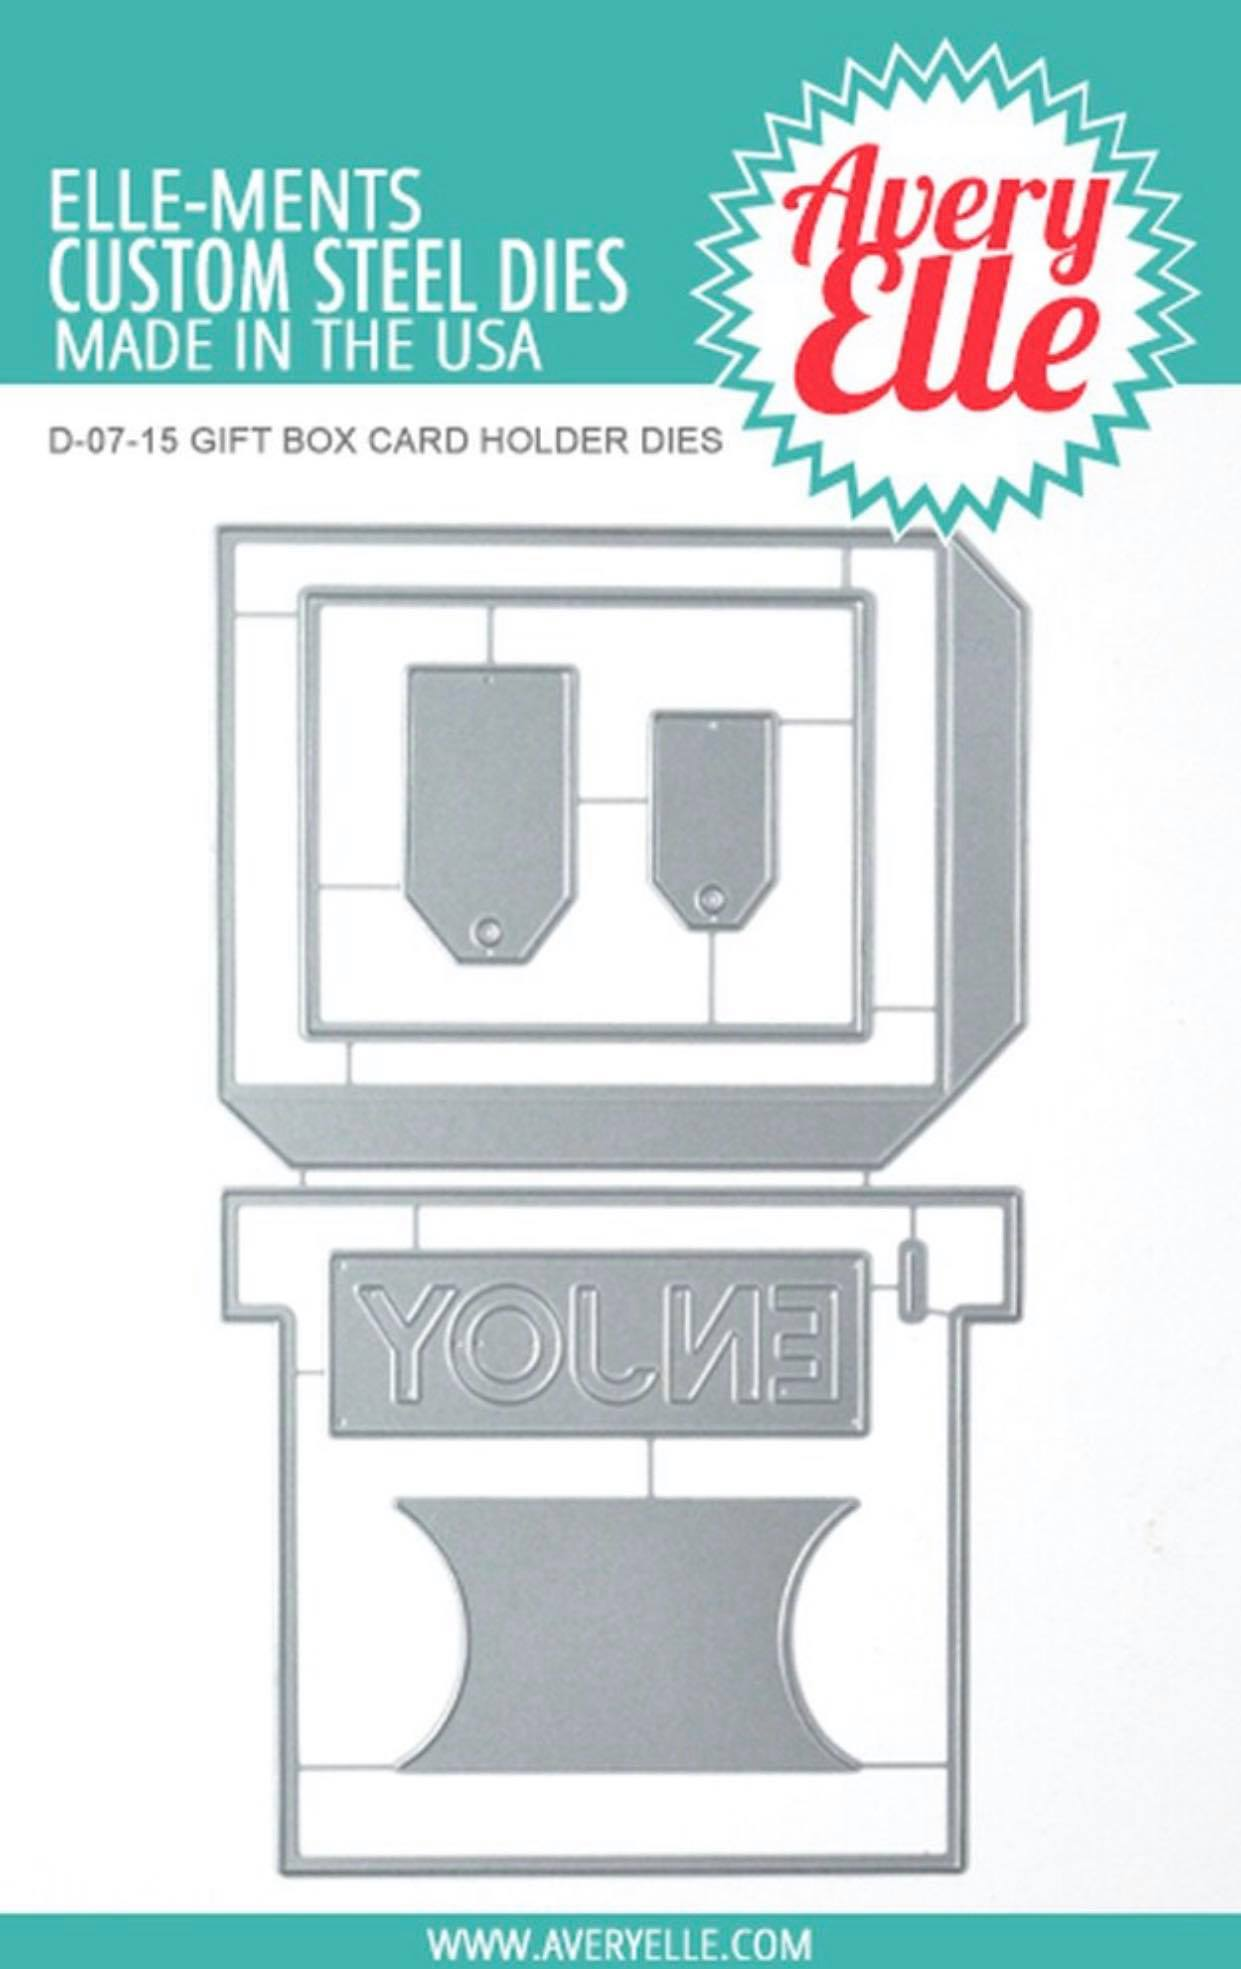 Avery Elle - Gift  Card Holder Die